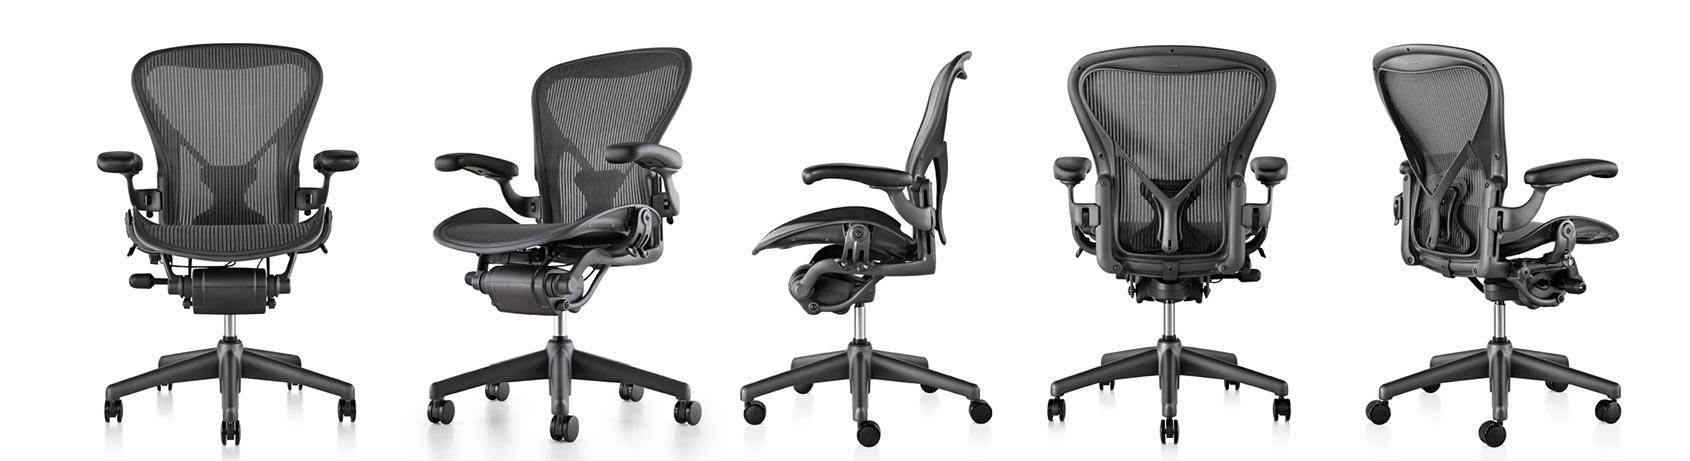 Cadeira Aeron Herman Miller por R$3.990